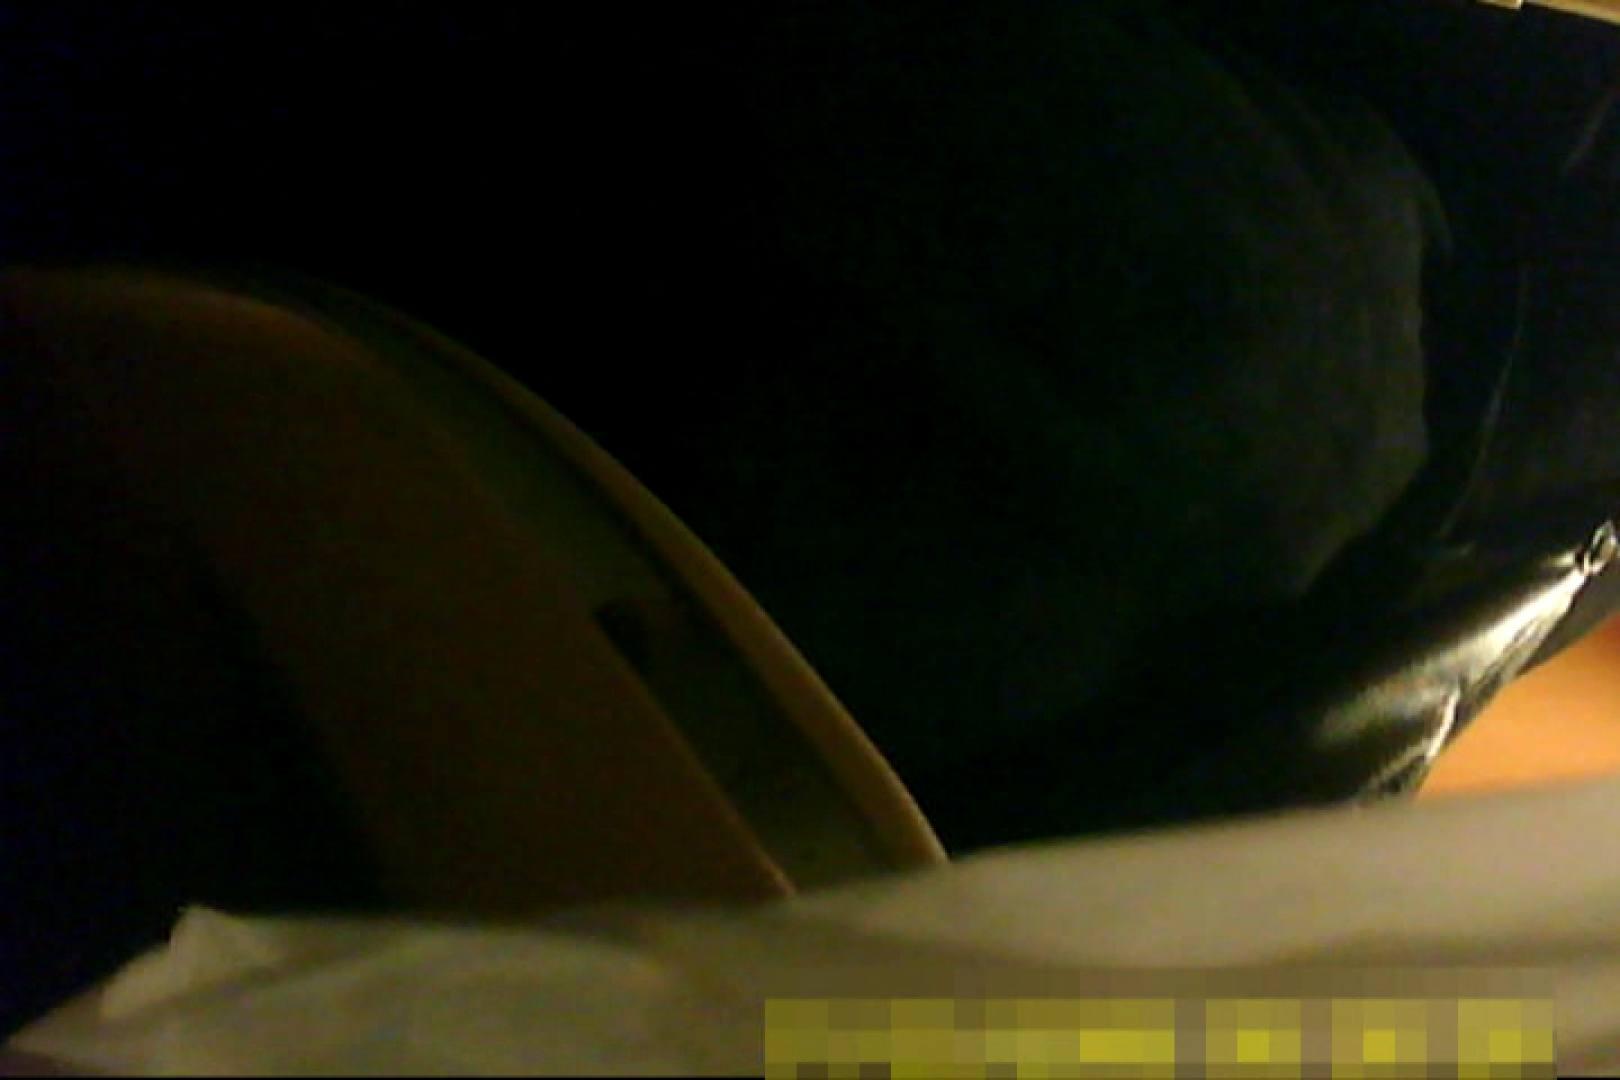 魅惑の化粧室~禁断のプライベート空間~vol.8 熟女のエッチ  63pic 8